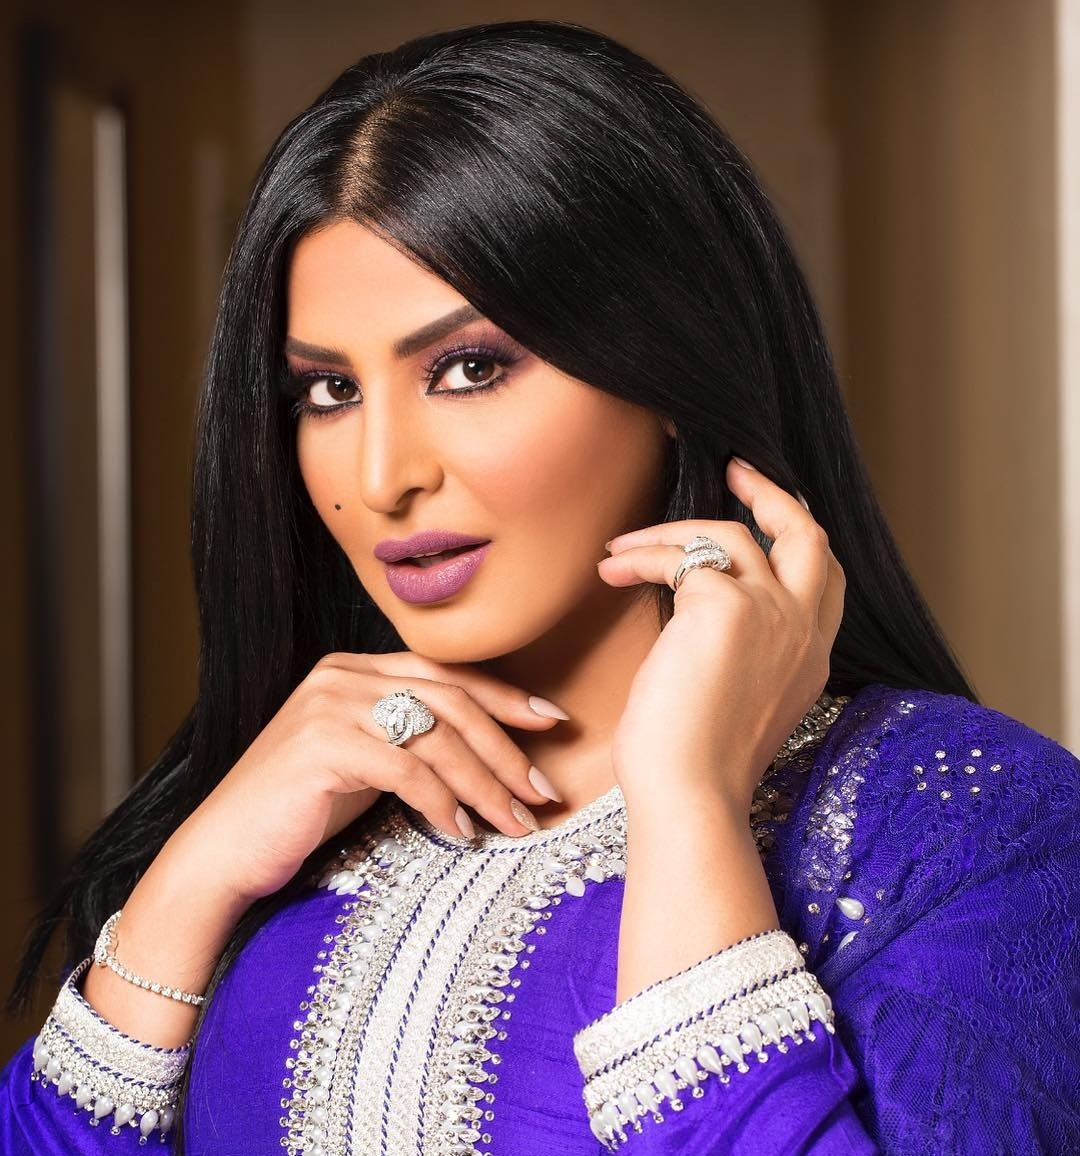 هل توفيت الممثلة السعودية ريم عبد الله في حادث مأساوي؟